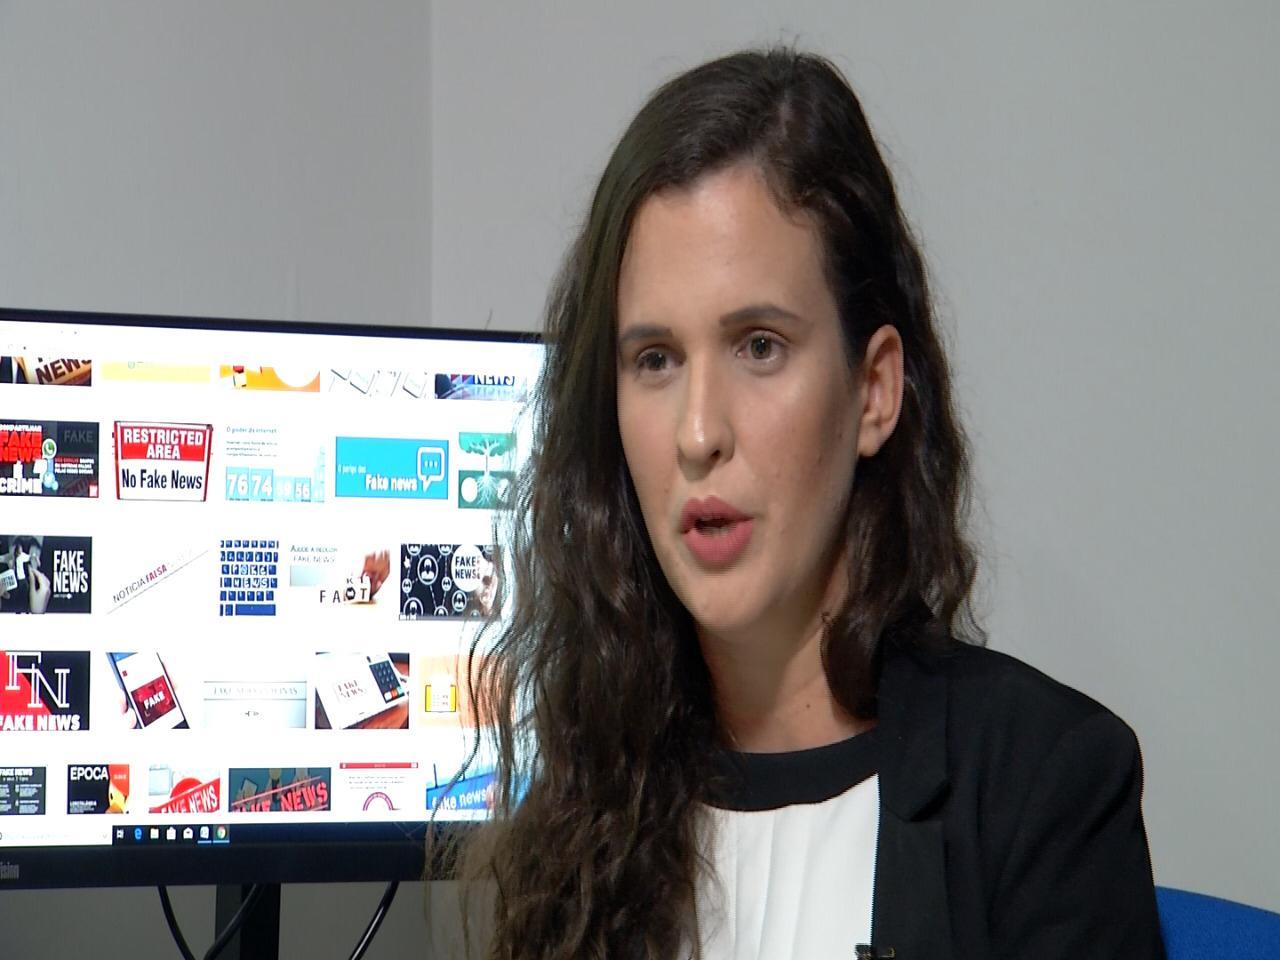 cb868829 aa66 422b 817e 20806cefe416 - TV Assembleia lança campanha contra fake news e orienta como fugir de notícias falsas - VEJA VÍDEO